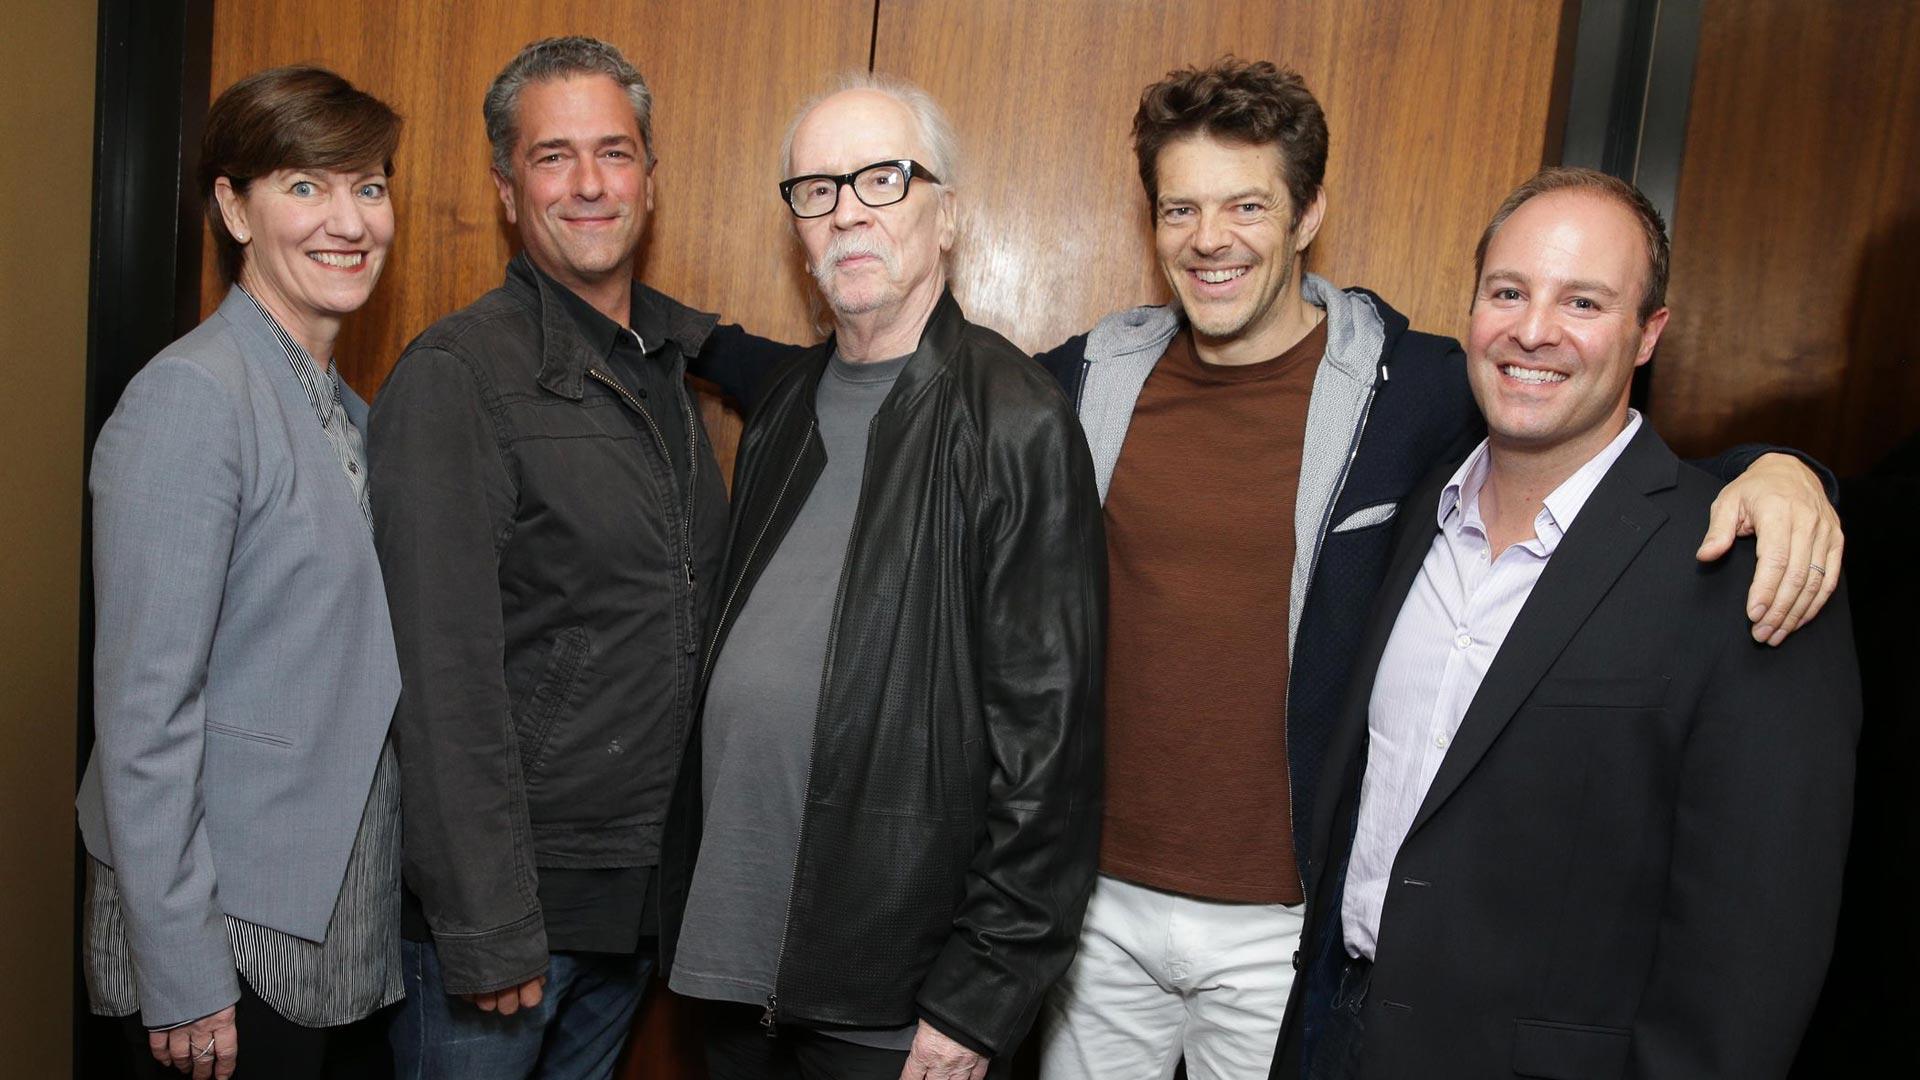 John Carpenter und seine neue Crew: Zanne Devine (Miramax), Malek Akkad, John Carpenter, Jason Blum, David Thwaites (Miramax)